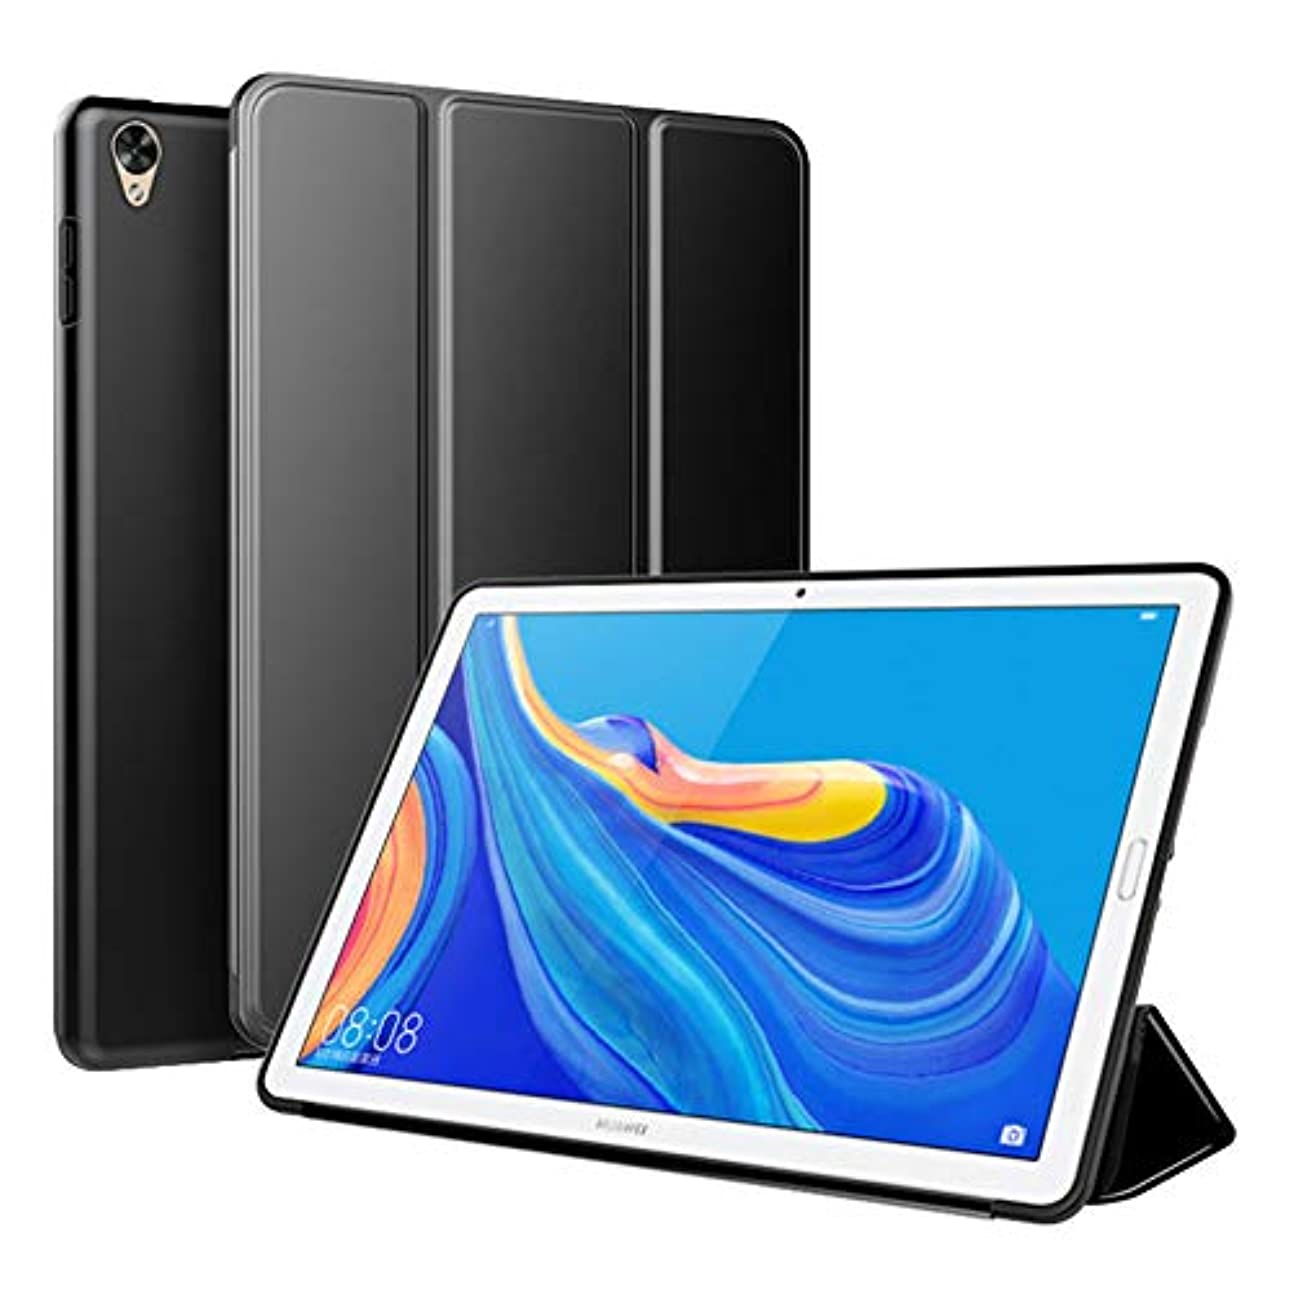 耳カートリッジ潮【M&Y】Huawei MediaPad M6 10.8 ケース Huawei MediaPad M6 10.8 手帳型ケース メディアパッド M6 10.8 ケース 3つ折り スタンド機能 10.8インチ Huawei MediaPad M6 10.8 カバー「全6色」MY-M610-GJ-90715 (ブラック)